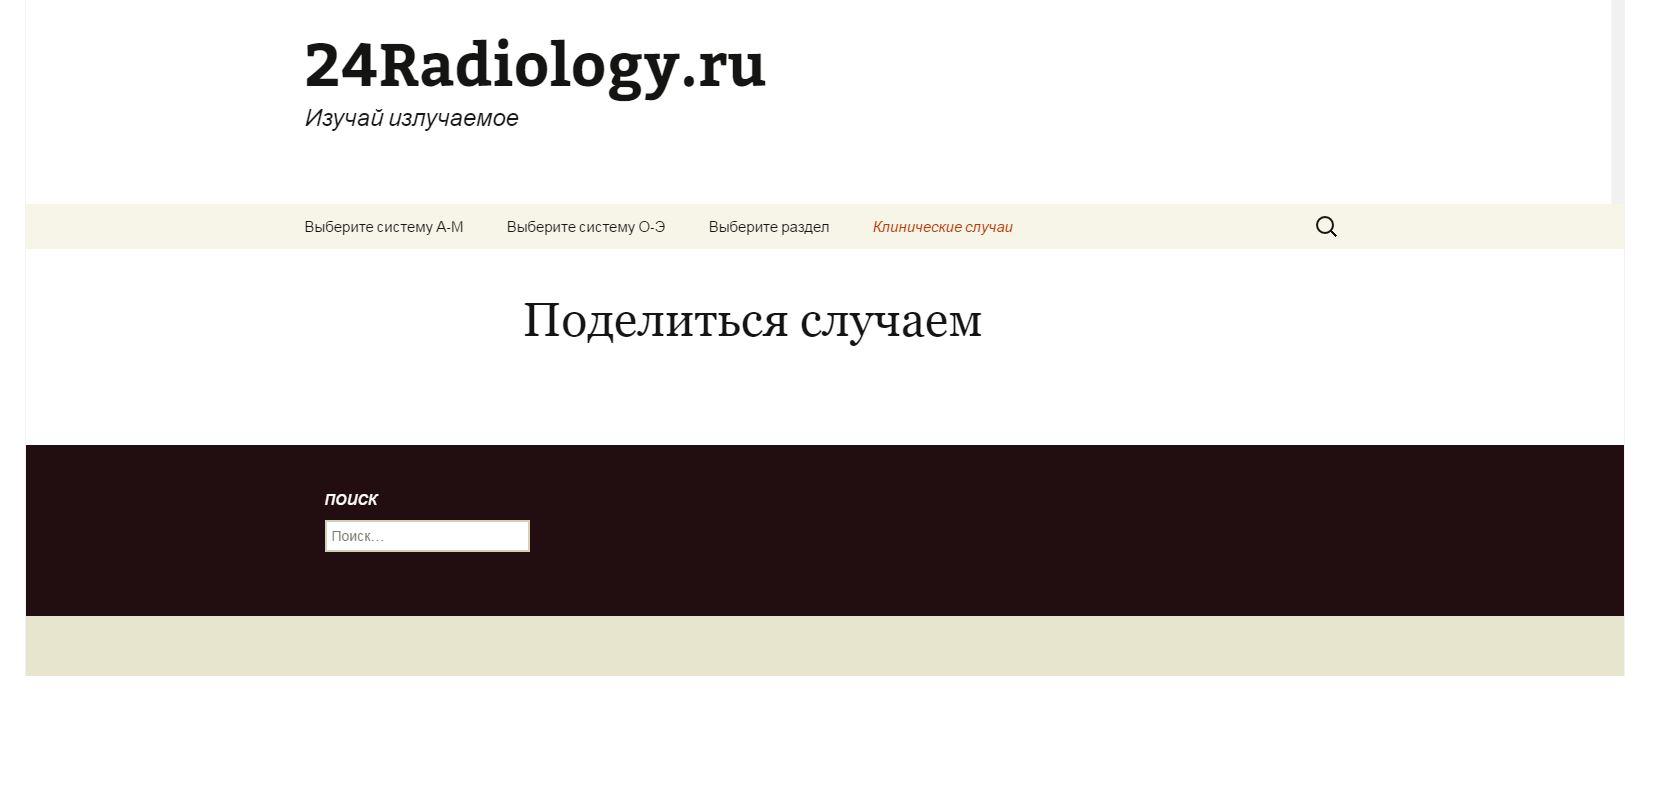 24radiology.ru